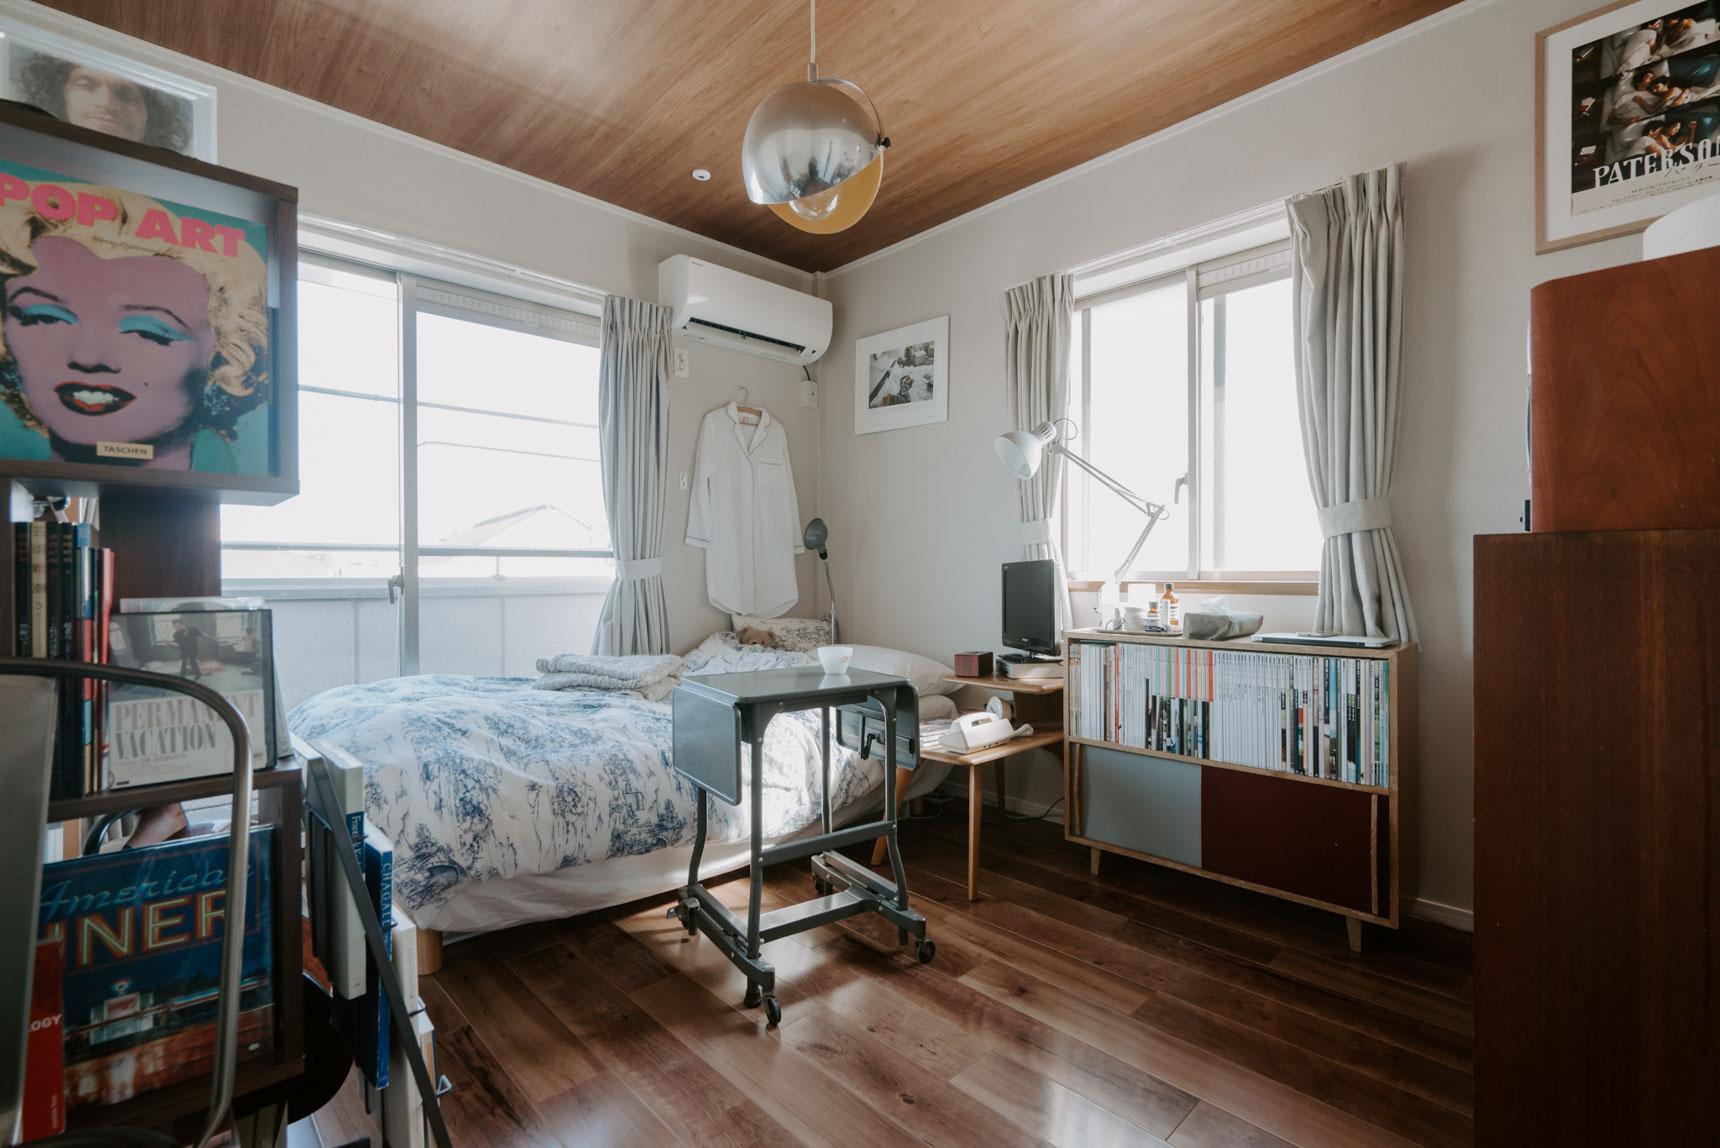 ミッドセンチュリー系の家具に、雑誌や本がたくさん納められているお部屋